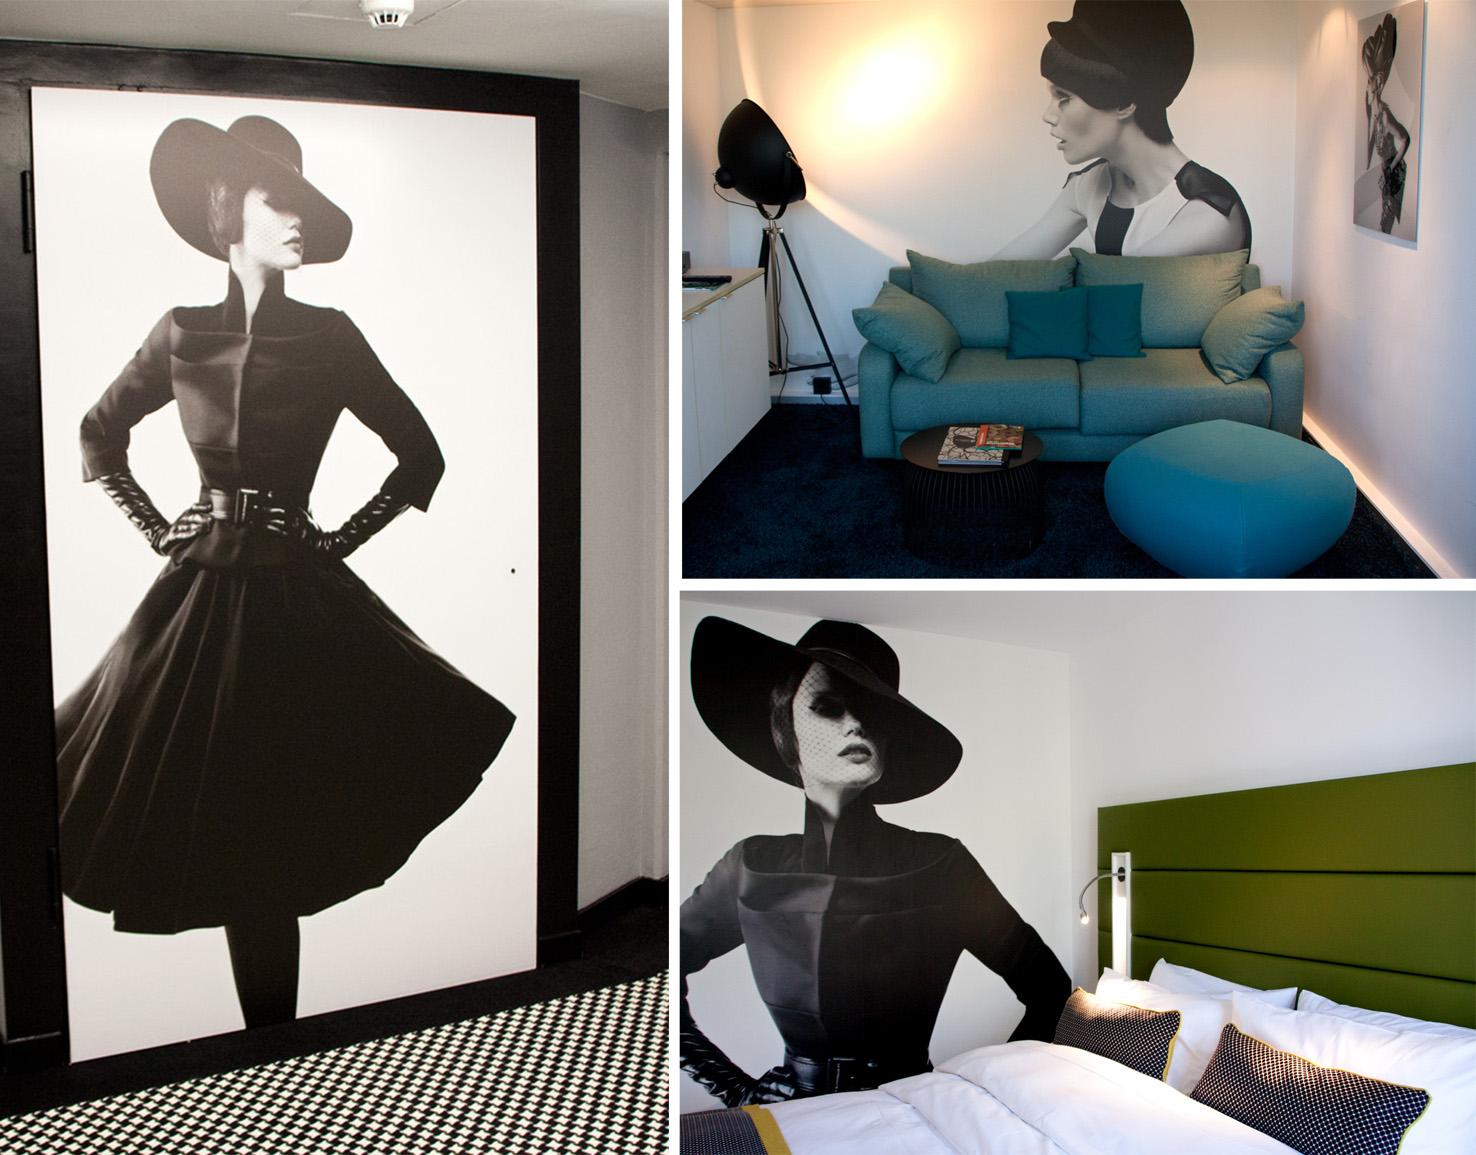 interconti_hotel_indigo-innen